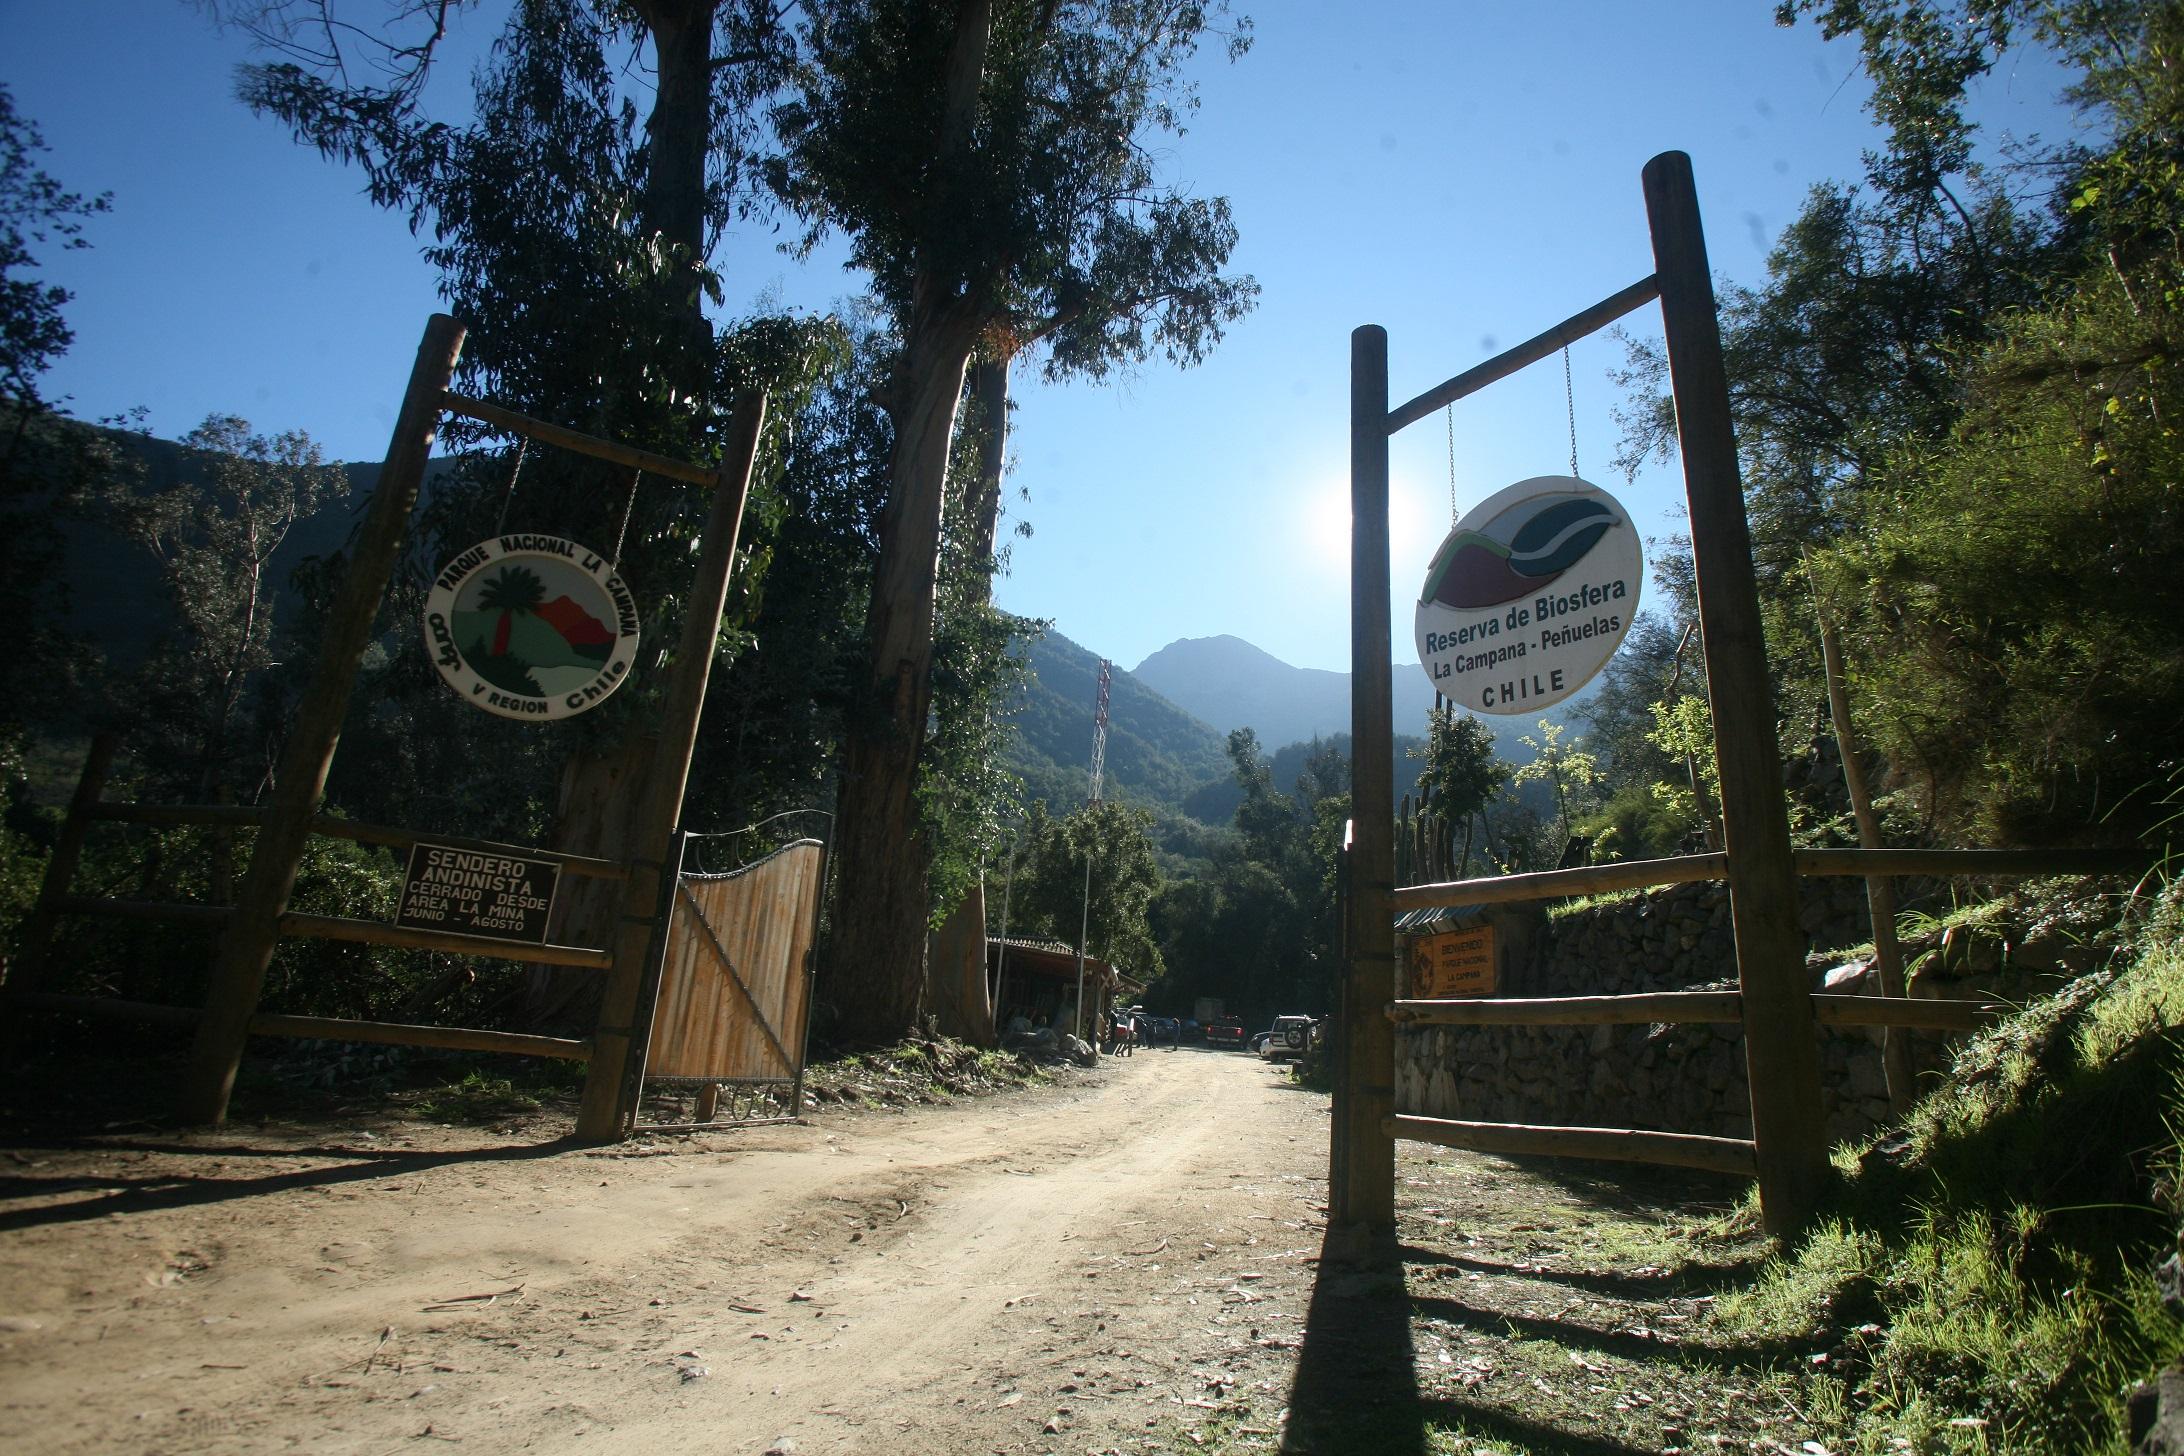 Día del Patrimonio: CONAF abrirá gratuitamente las áreas silvestres protegidas este fin de semana